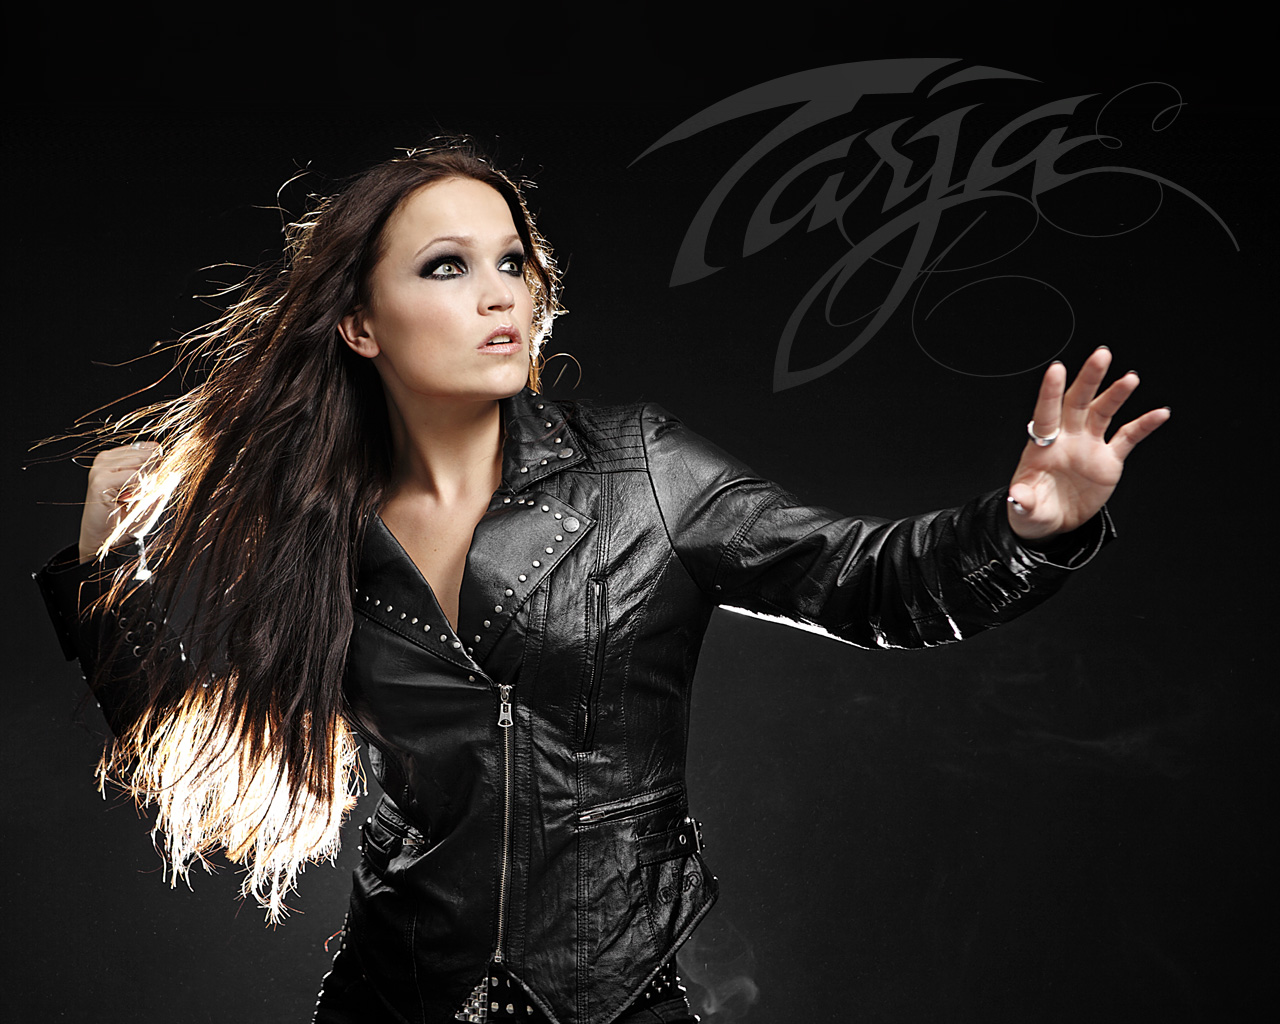 http://1.bp.blogspot.com/-w03t55ucqHw/T-MrqPQsY5I/AAAAAAAAG7c/a4KJkdxr4ys/s1600/Nightwish+symphonic+rock+band+Muse+Heart+wallpaper+tarja+singer.jpg